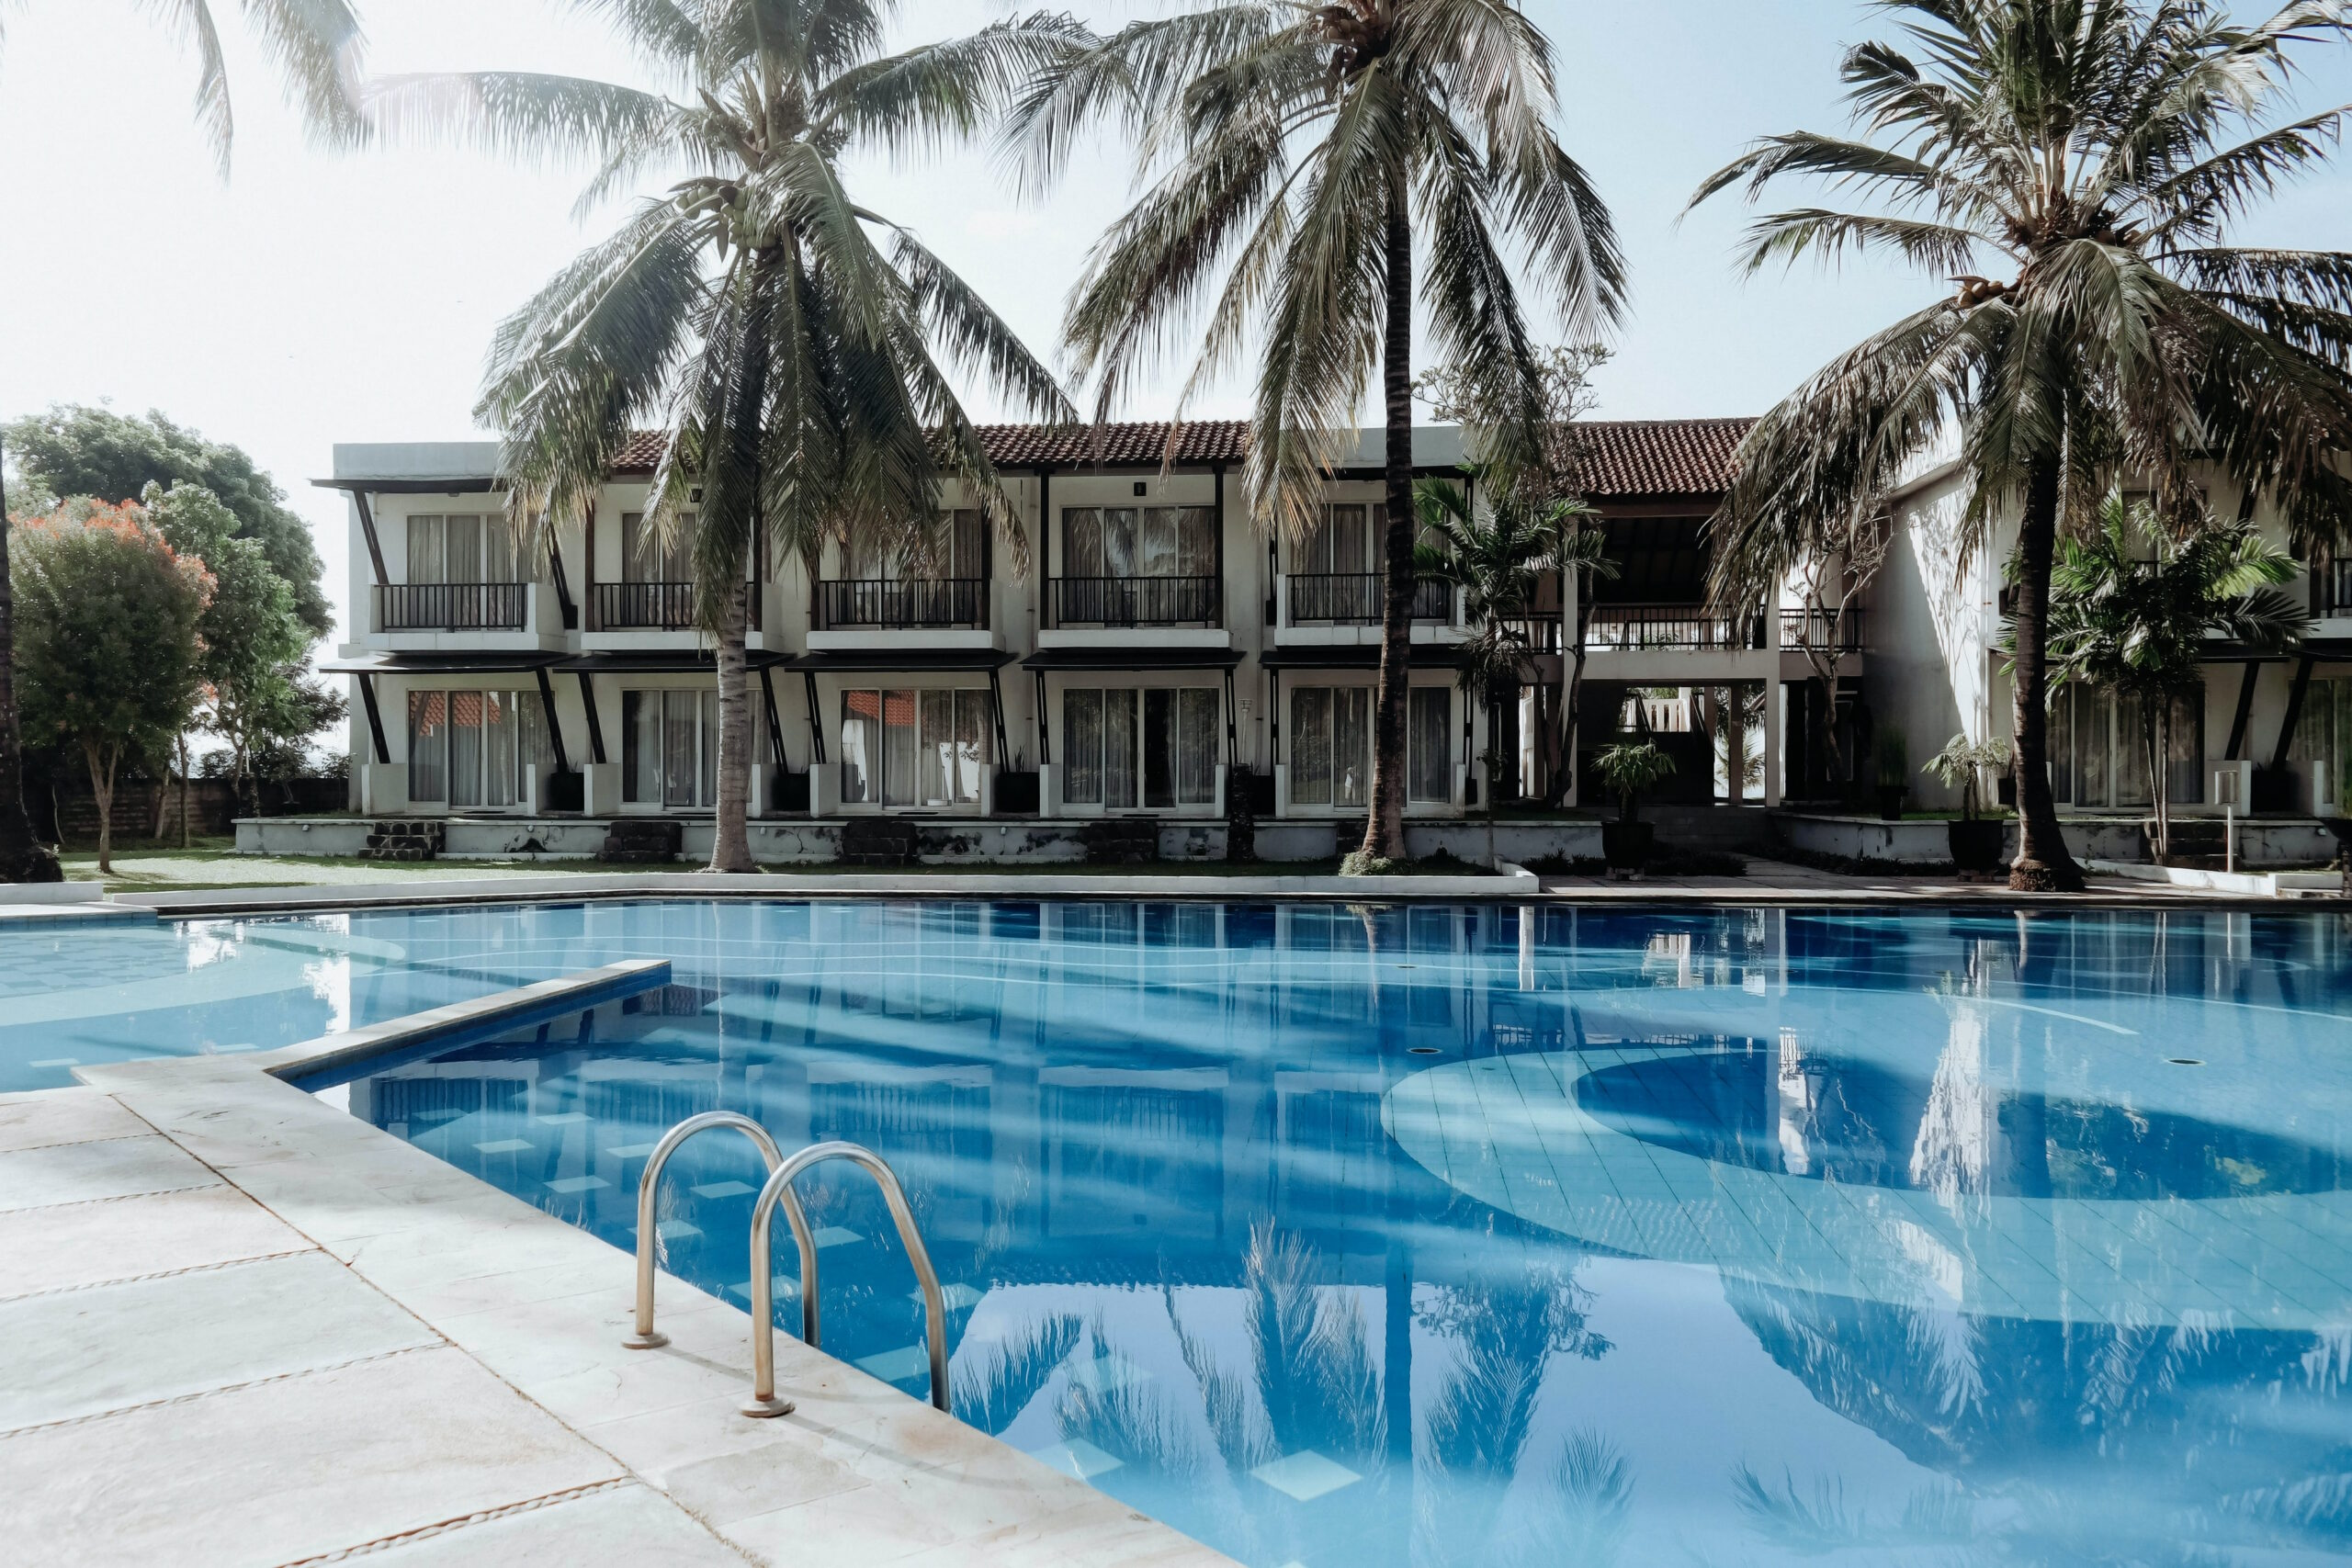 Ferienhaus günstiger als Hotels | Ferienhaus am Meer | www.rabatt-coupon.com